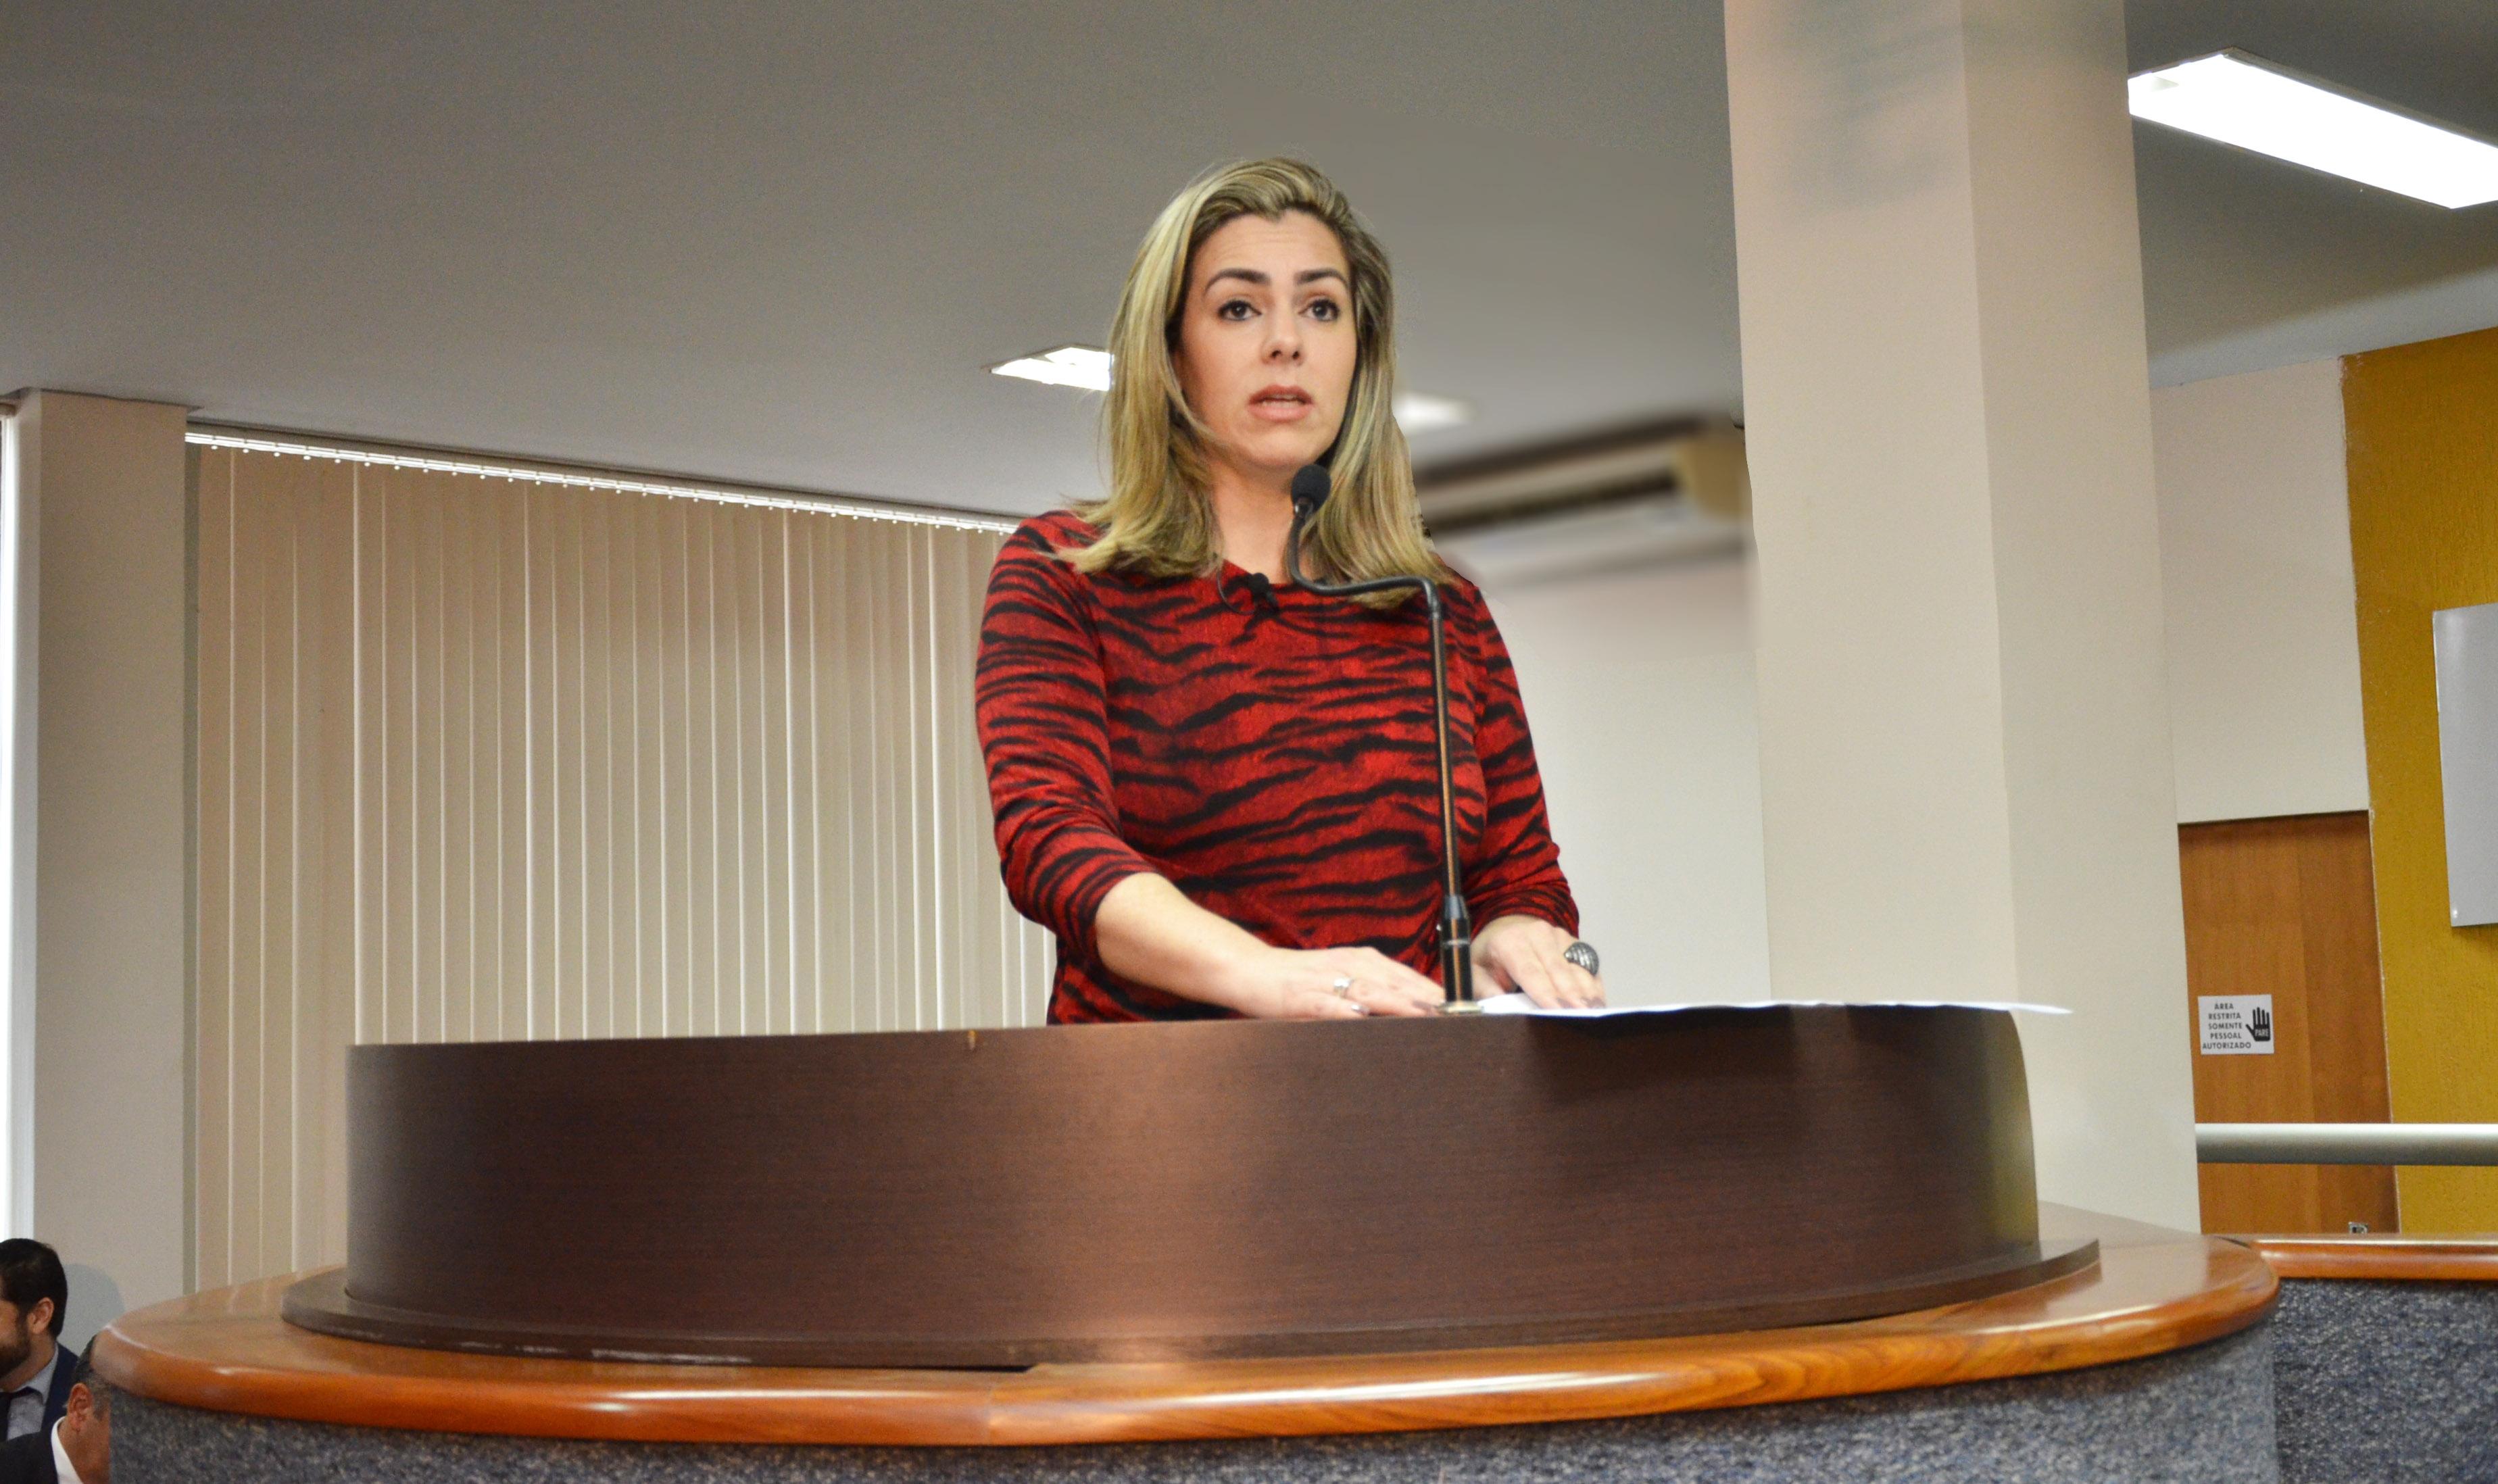 Poder Executivo encaminha Projetos de Lei sobre regulamentação da publicidade volante e poluição sonora